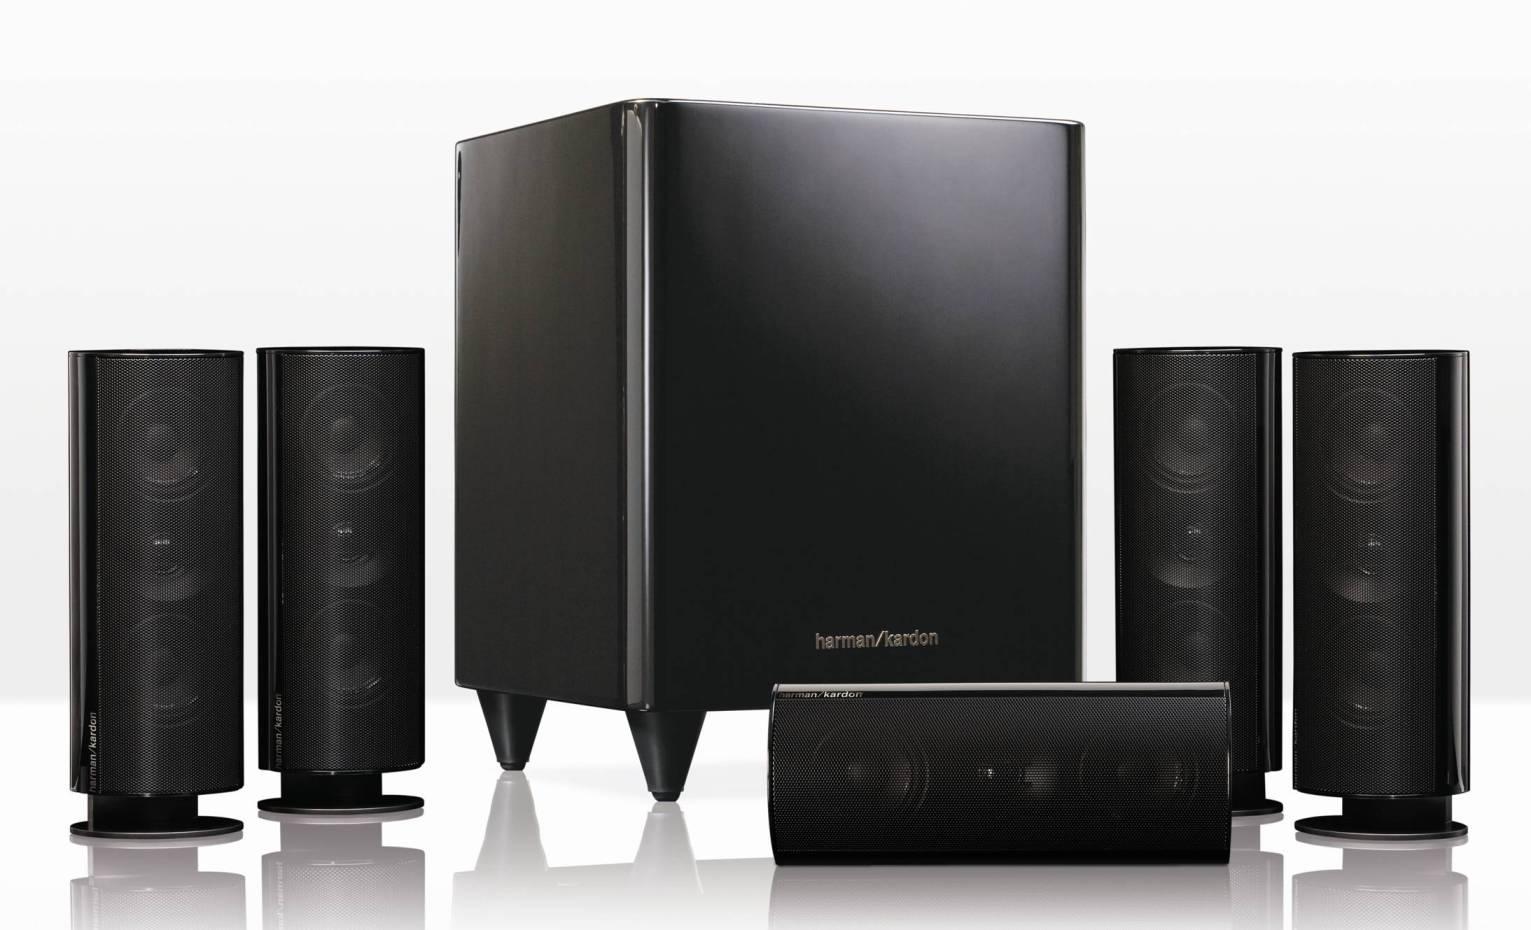 harman kardon hkts 30 5 1 channel home theater speaker. Black Bedroom Furniture Sets. Home Design Ideas